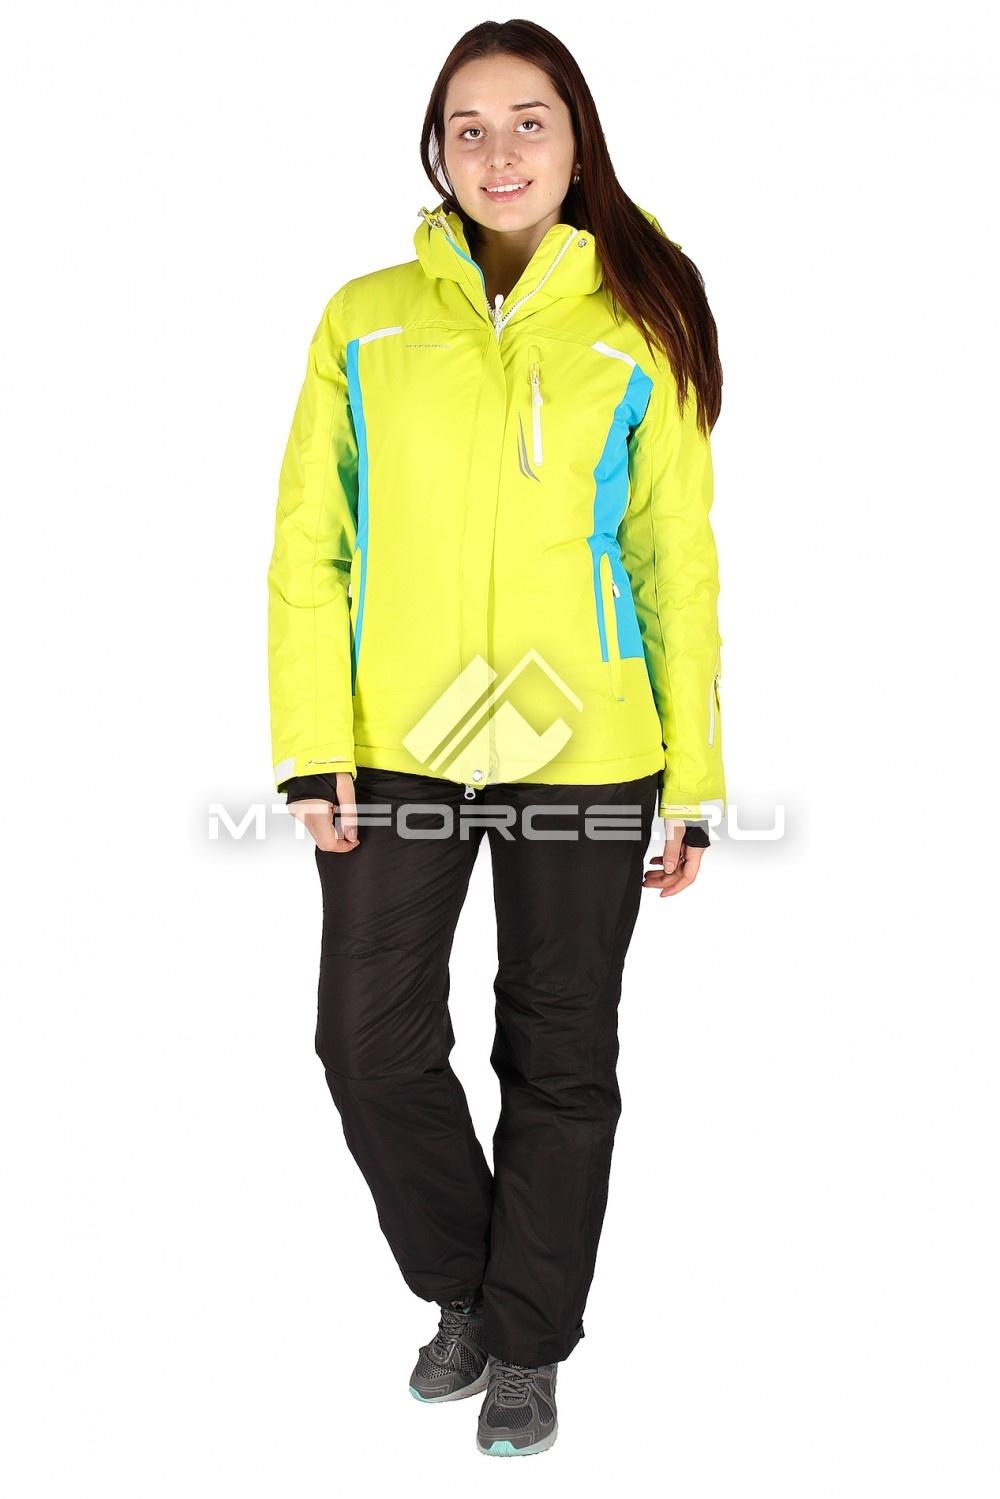 Купить                                  оптом Костюм горнолыжный женский желтого цвета 01513J